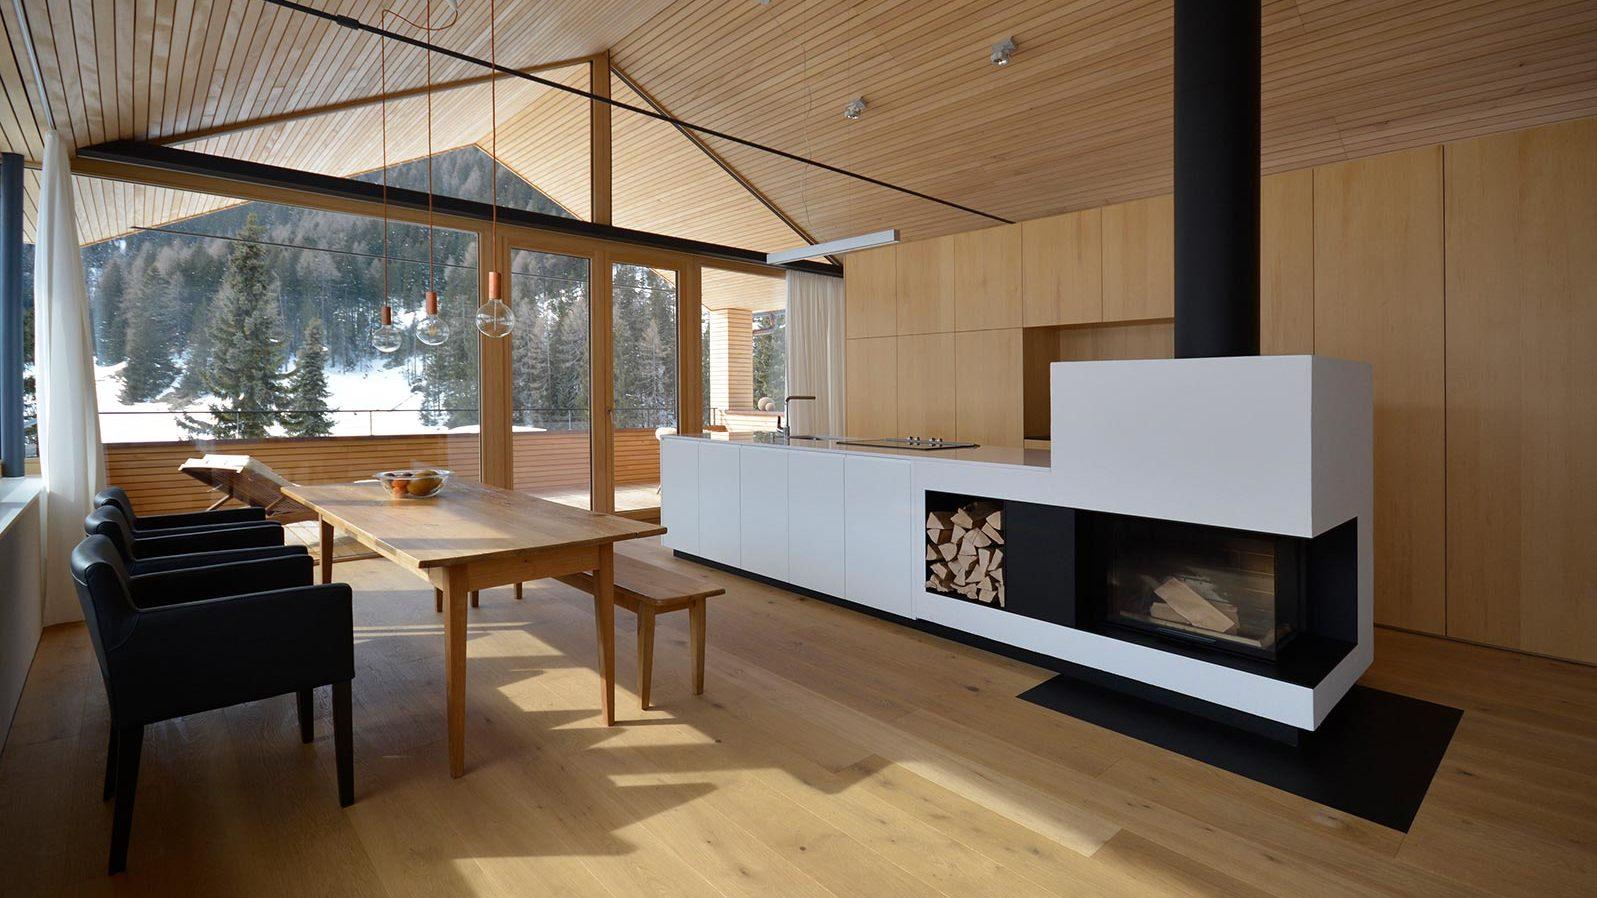 Willkommen - k_m architektur, Daniel Sauter - Architekt